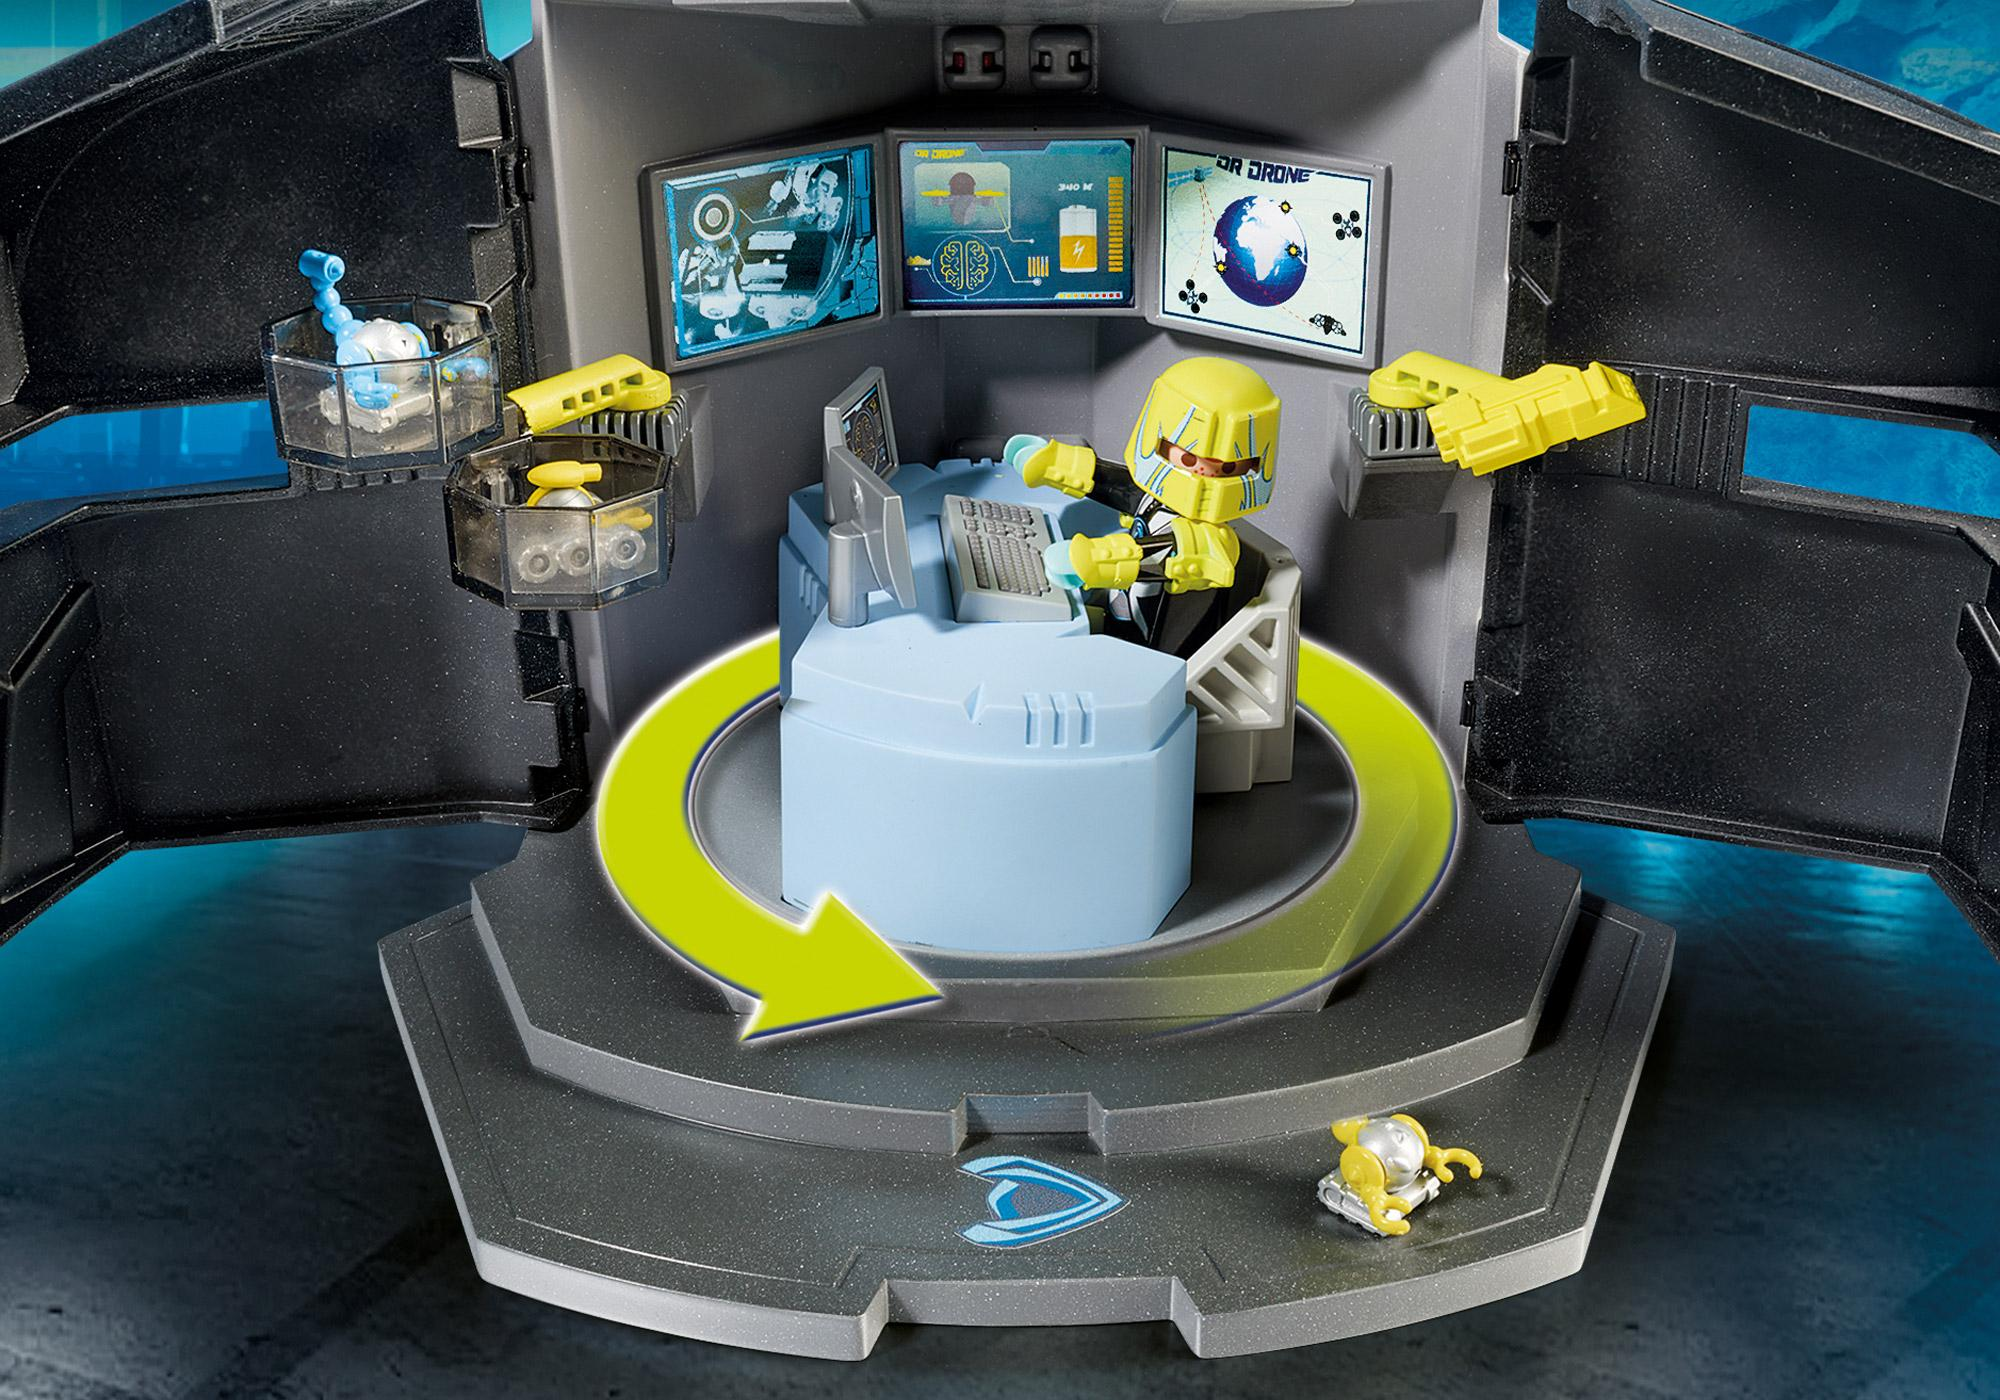 http://media.playmobil.com/i/playmobil/9250_product_extra1/Centro de Comando do Dr. Drone